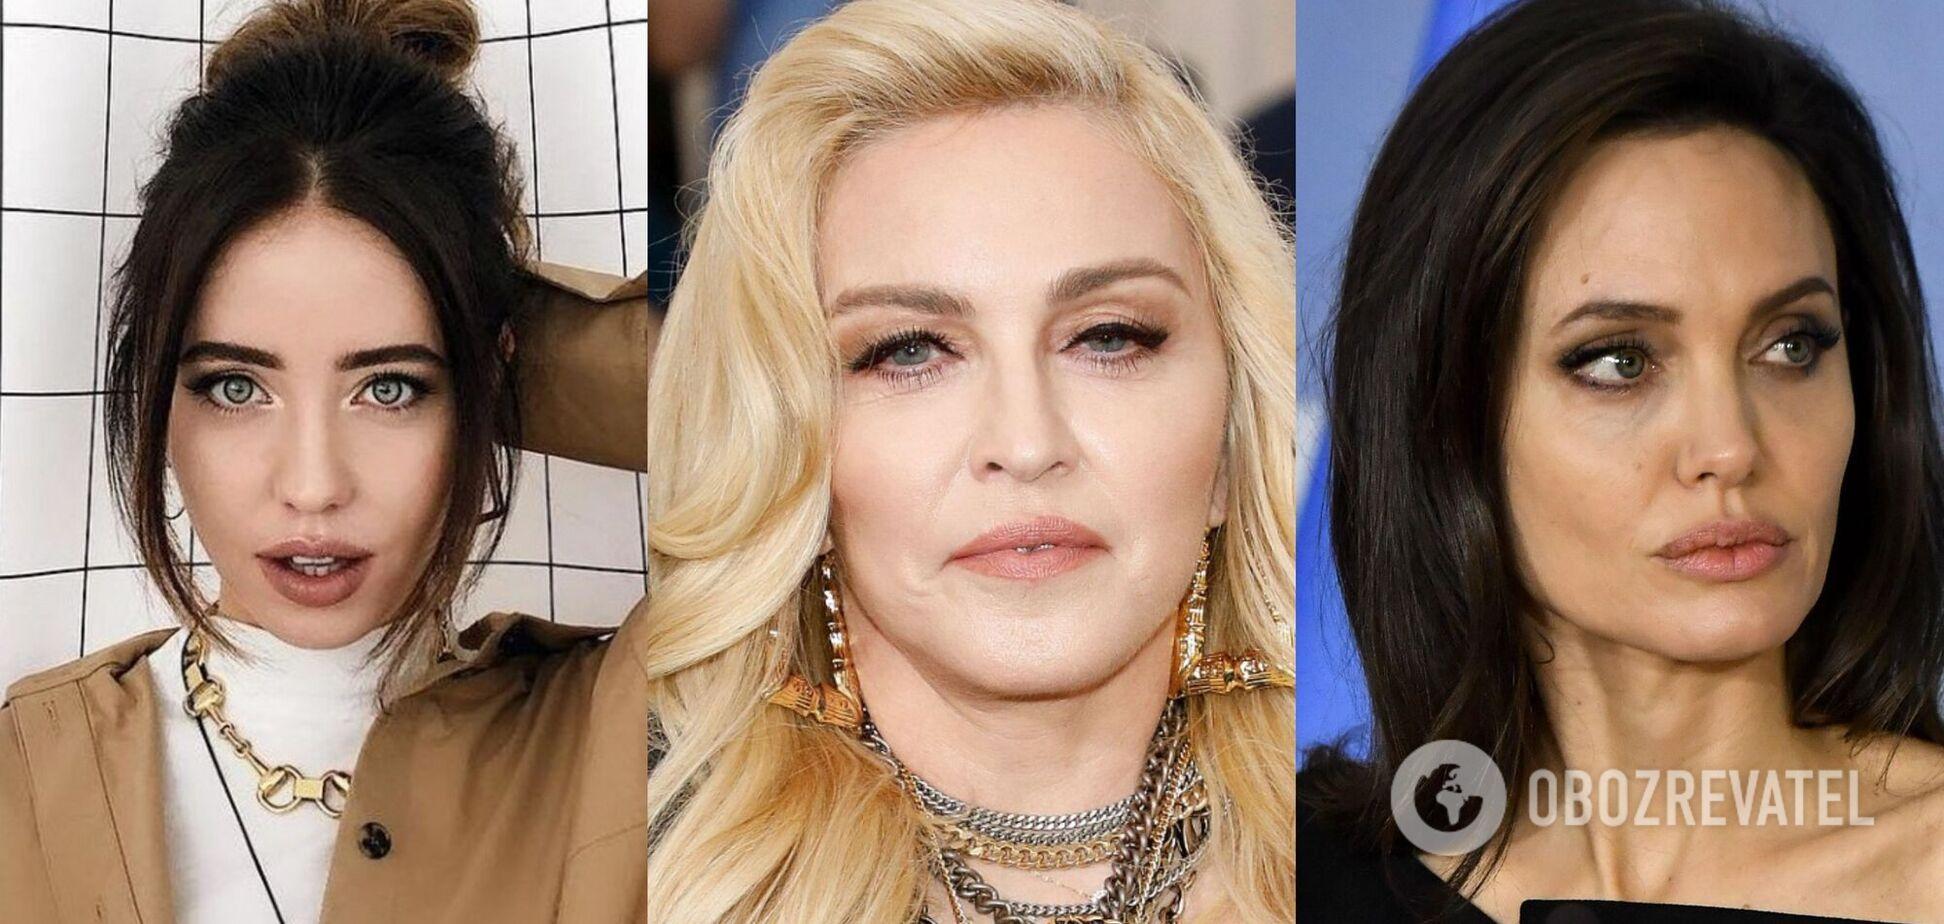 Дорофєєва, Мадонна і Джолі показали свої екзотичні тату: що вони означають